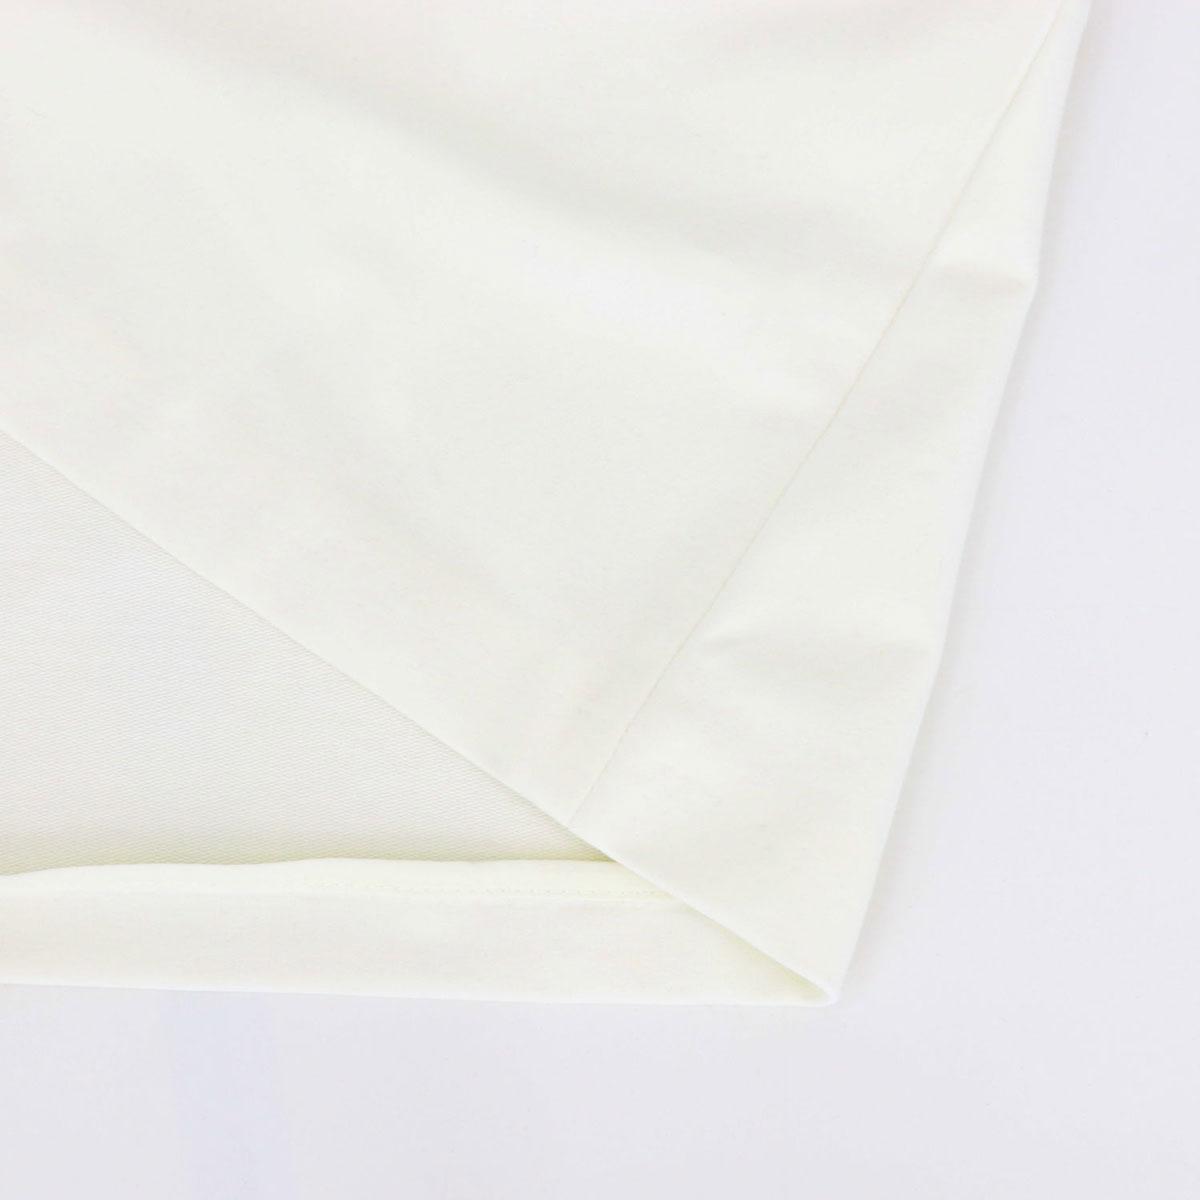 【サマーセール】2020年春夏新作 CIRCOLO1901 チルコロ1901 レディース コットンストレッチ ジャージー クルーネック ワンピース 0154-151201 LATT WHITE(ホワイト)【返品交換不可】